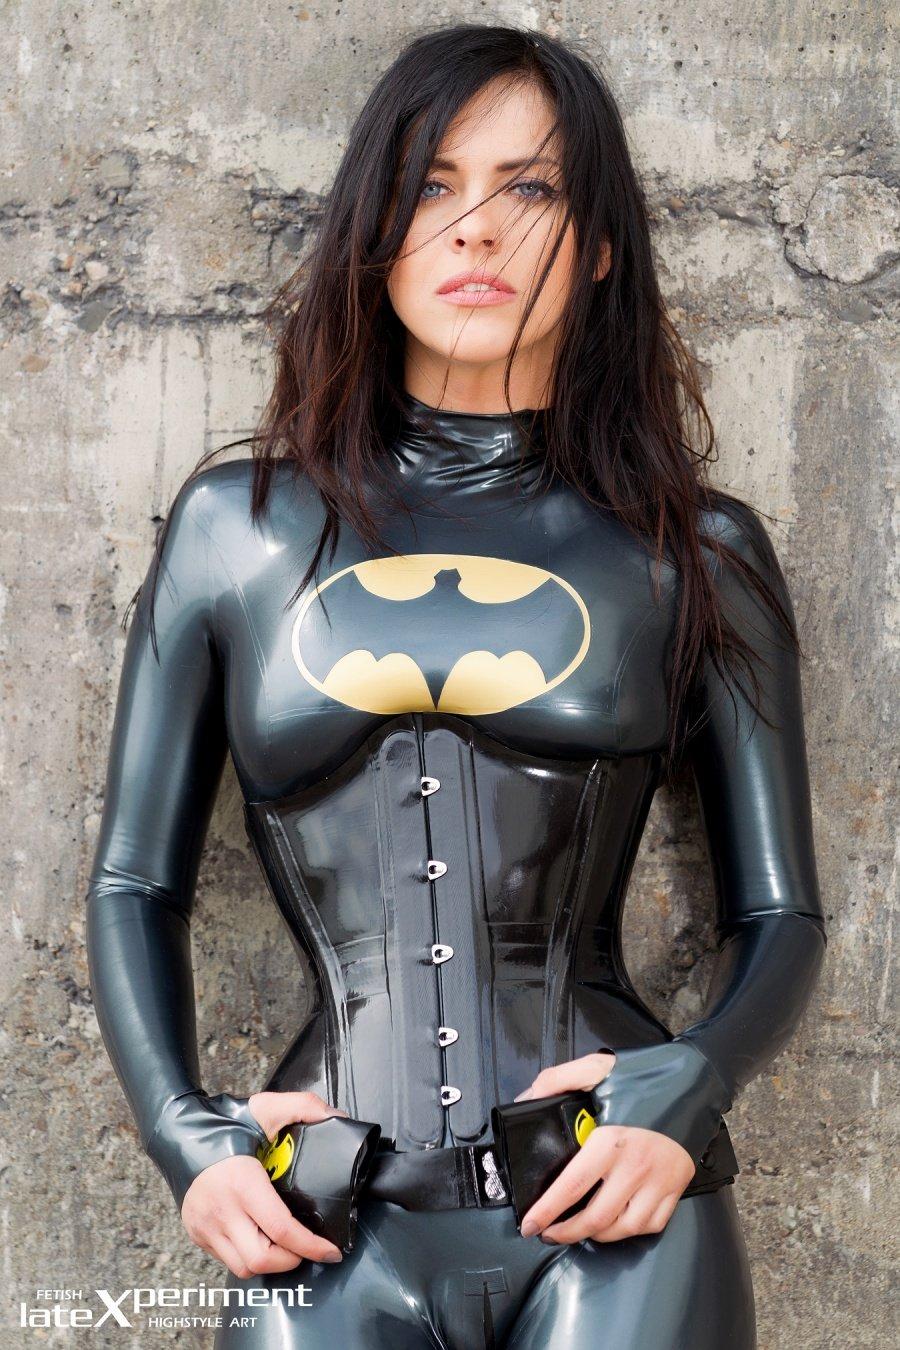 Batgirl#injustice - Изображение 2